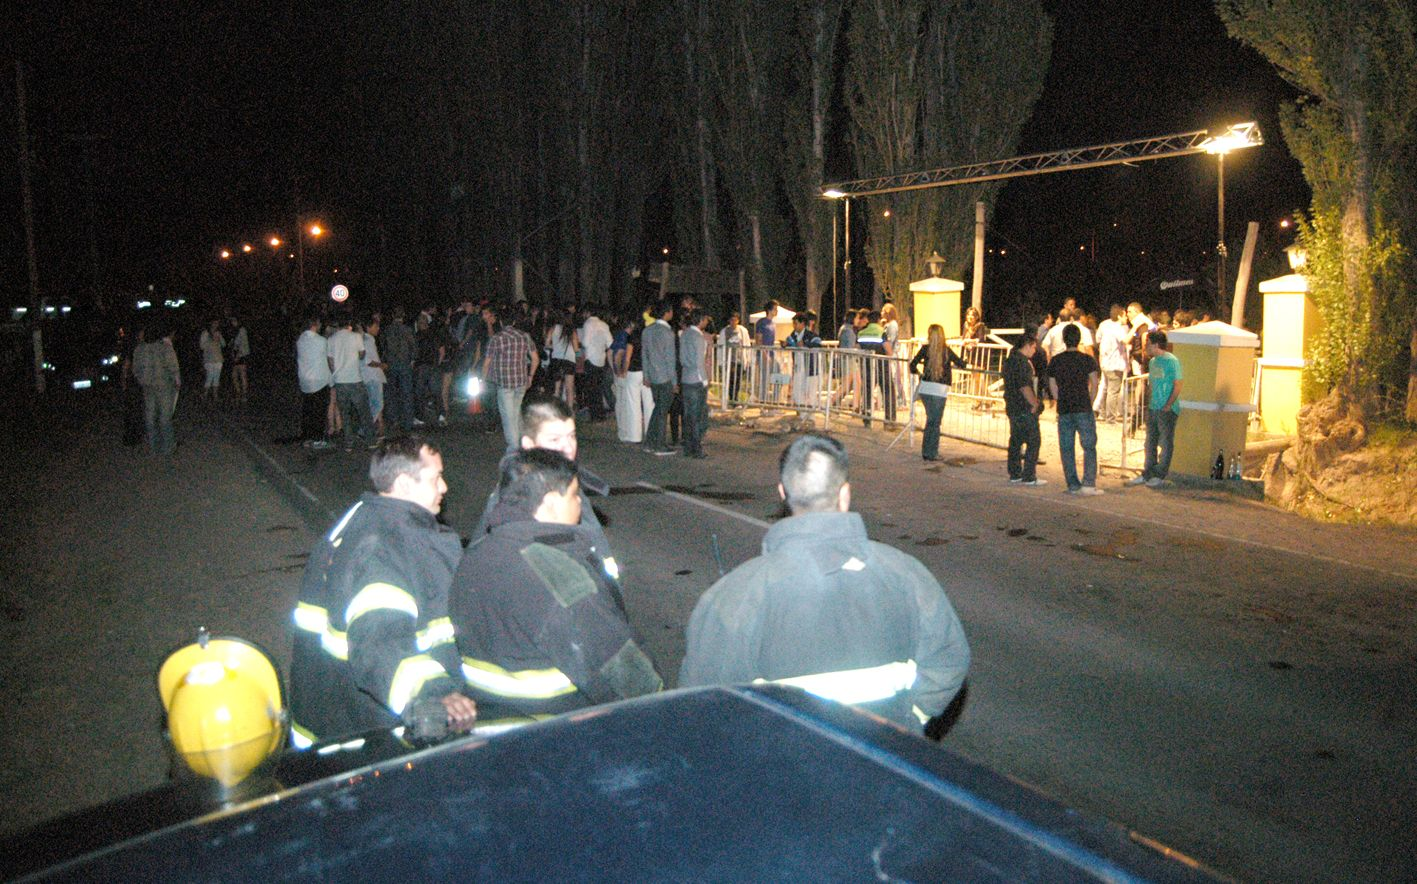 La fiesta no paró ni por posible bomba